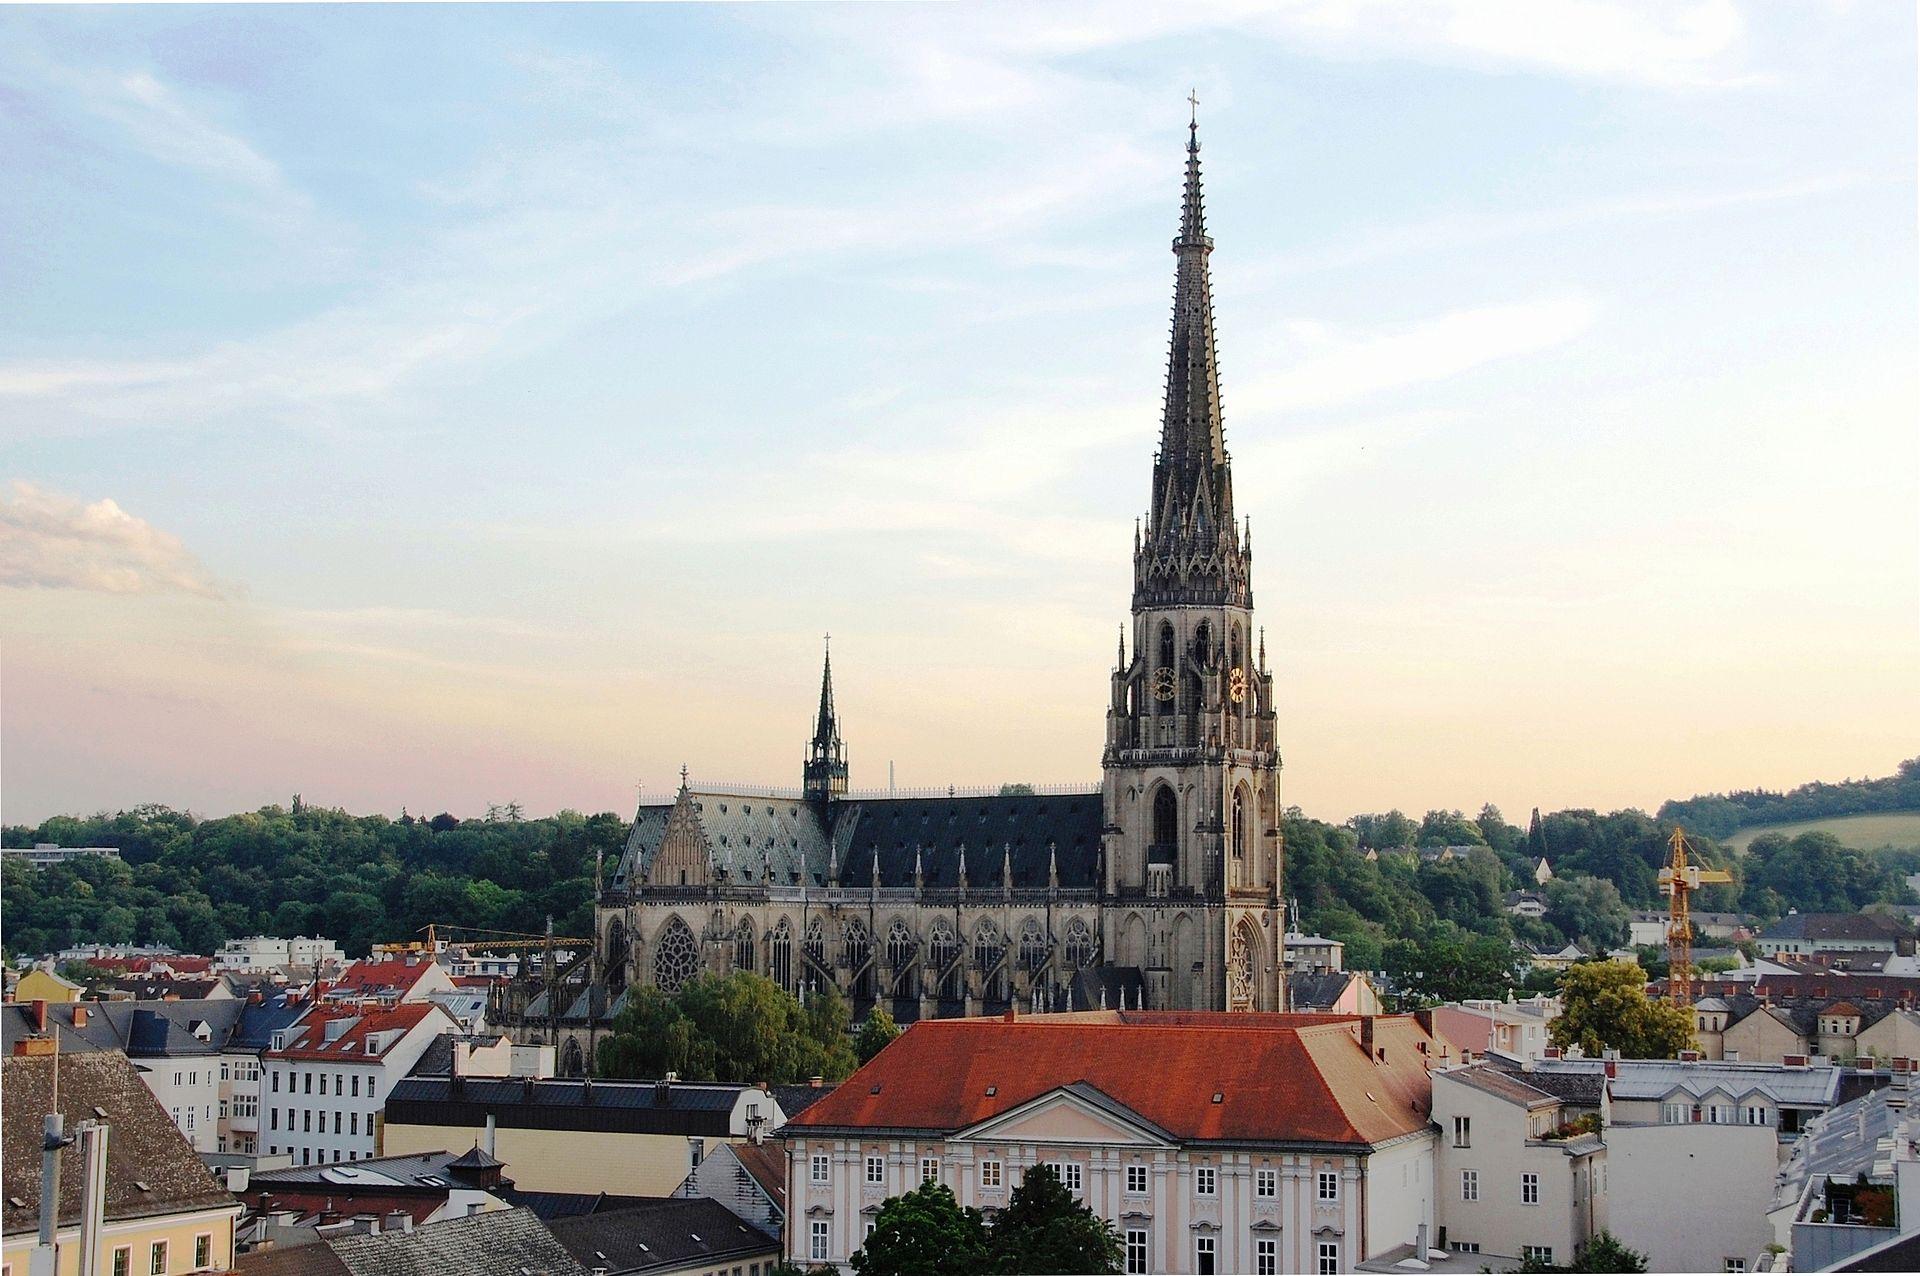 Blick Auf Linz Mit Dom